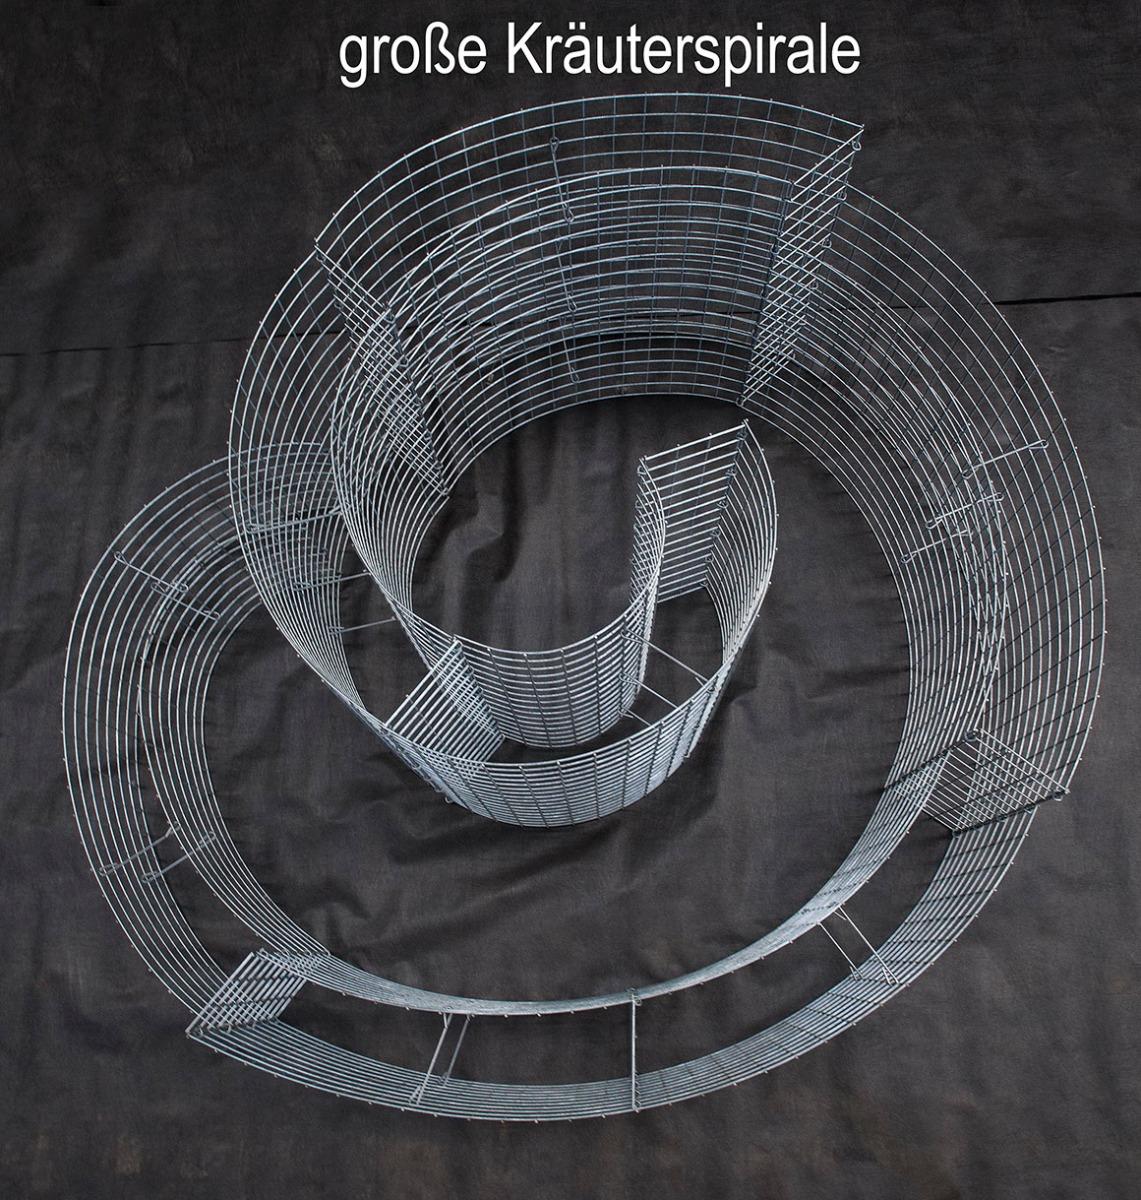 große Kräutersspirale Obenansicht